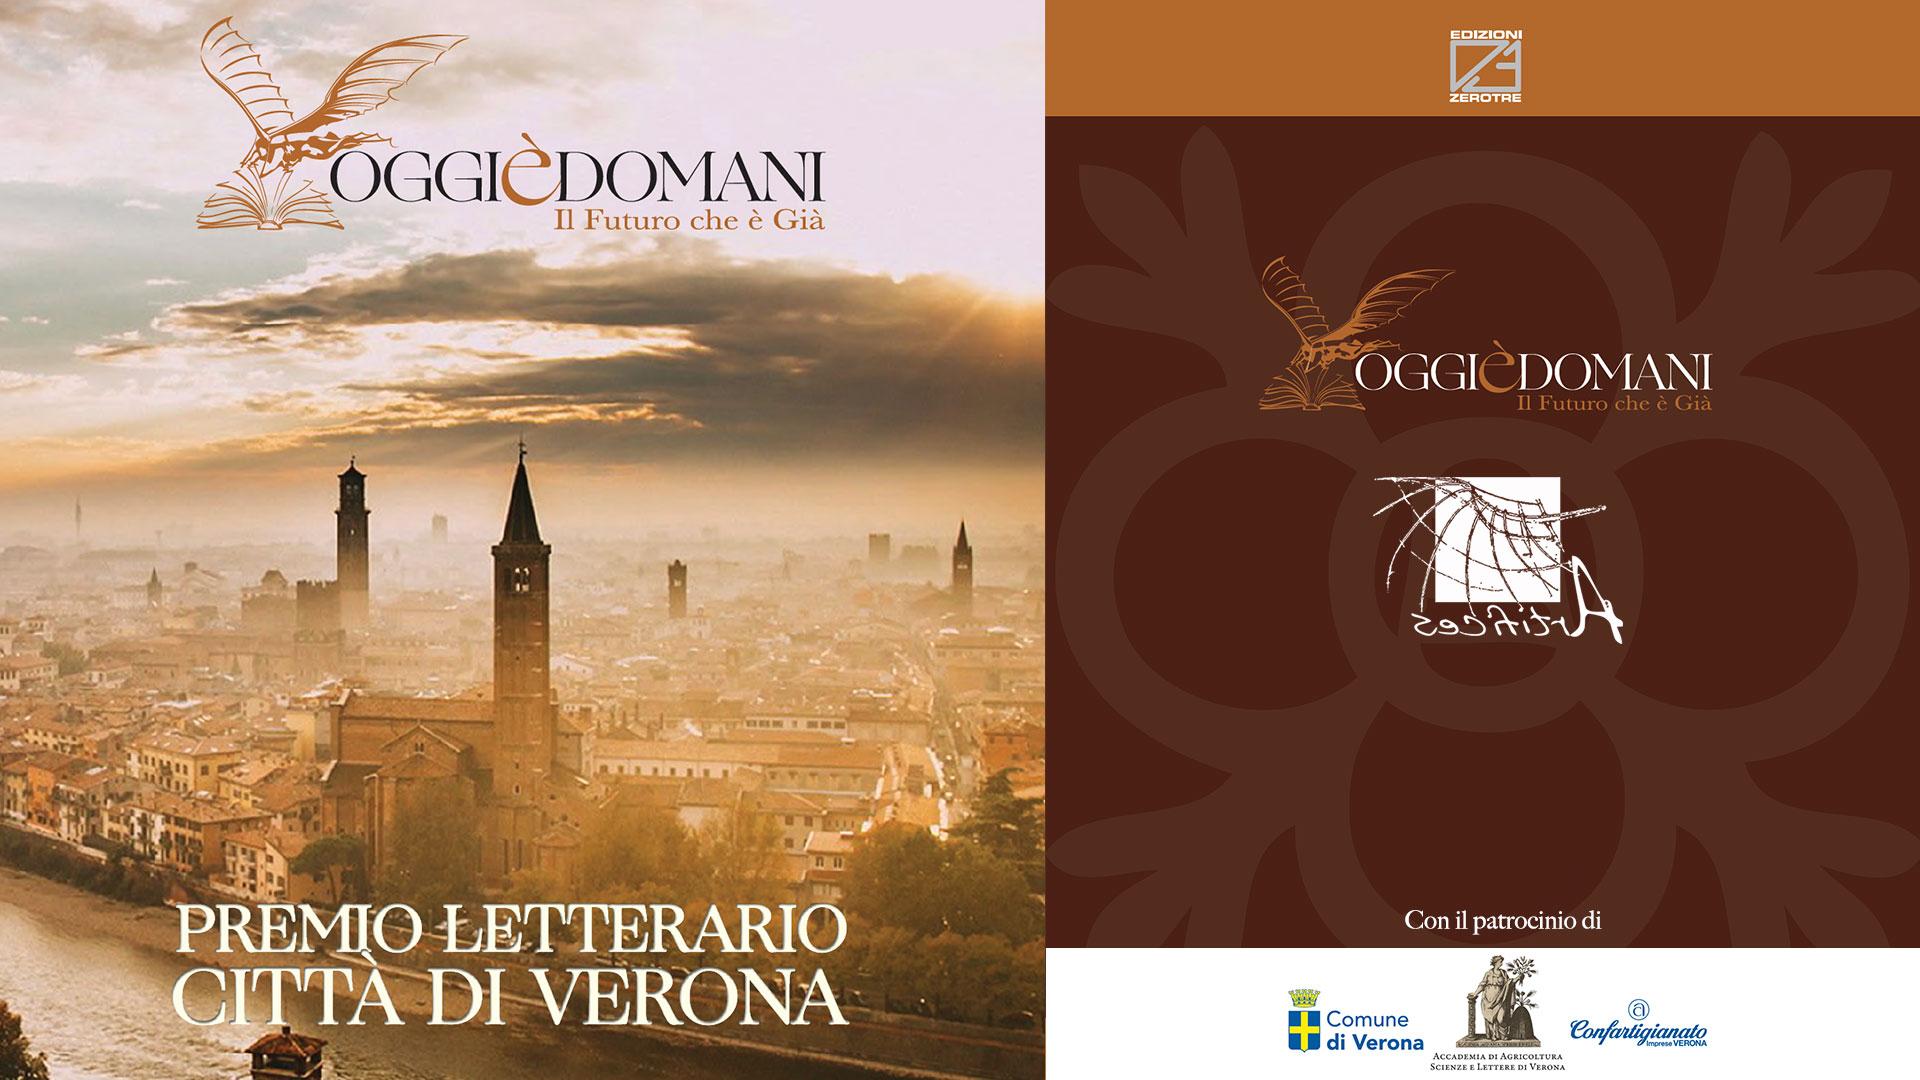 """CULTURA – Partecipa alla prima edizione del Premio Letterario Città di Verona """"Oggi è domani - Il futuro che è già"""". Elaborati entro il 18 aprile"""